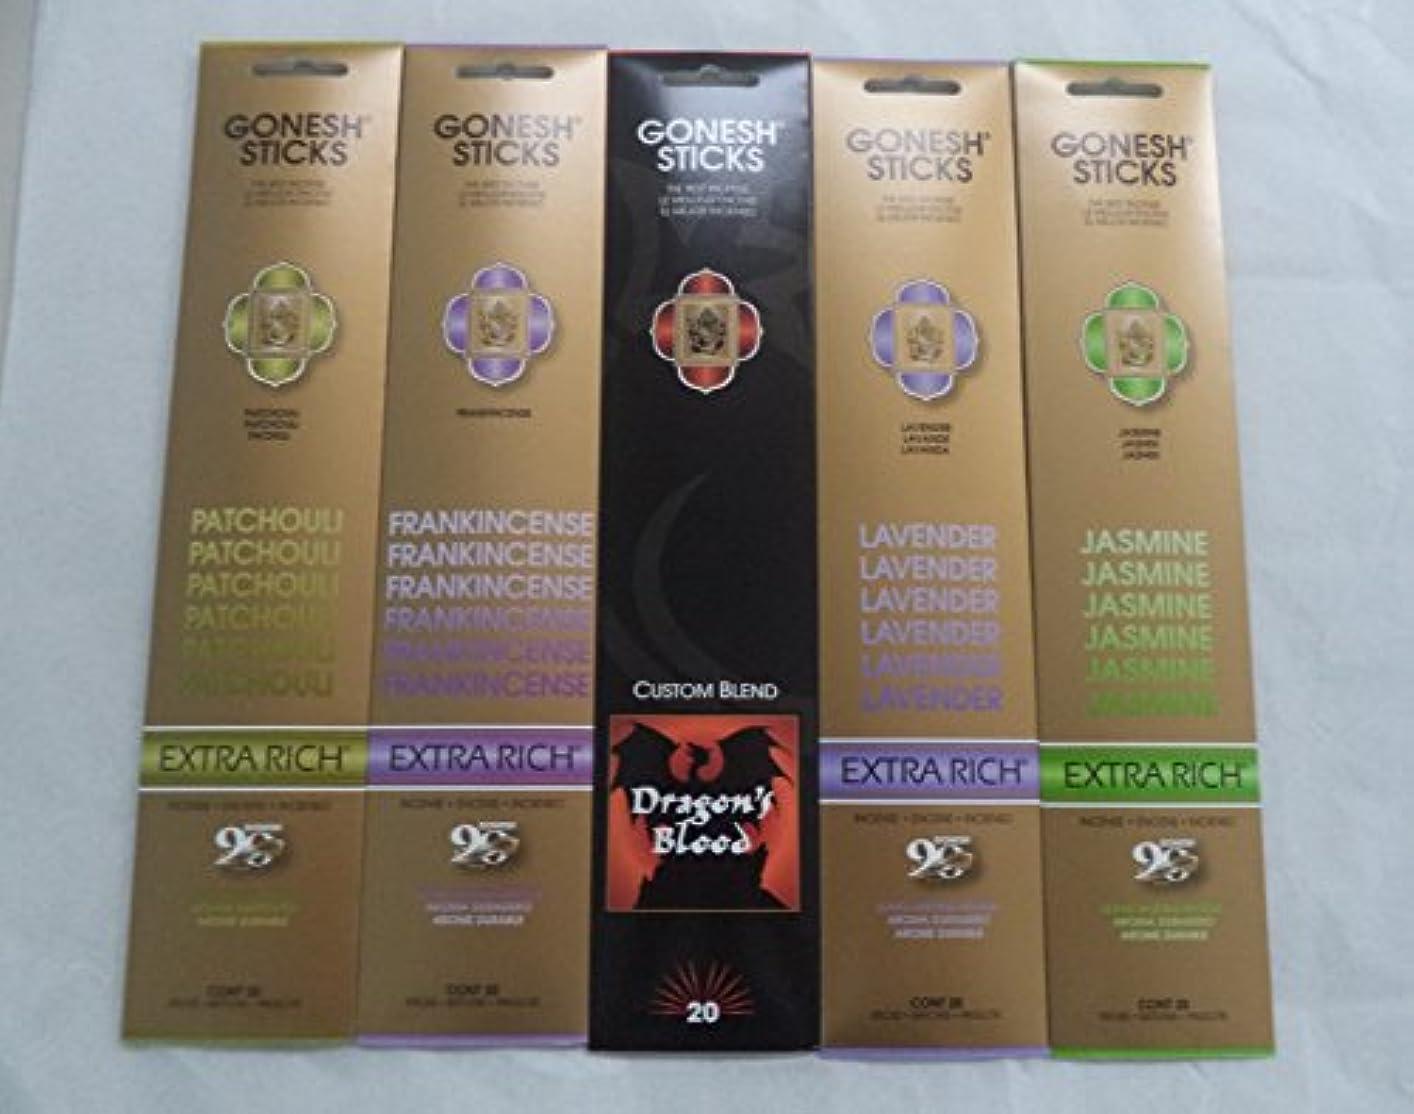 強いますパット悪夢Gonesh Incense Stick Best SellerコンボVariety Set # 1 5 x 20 = 100 Sticks